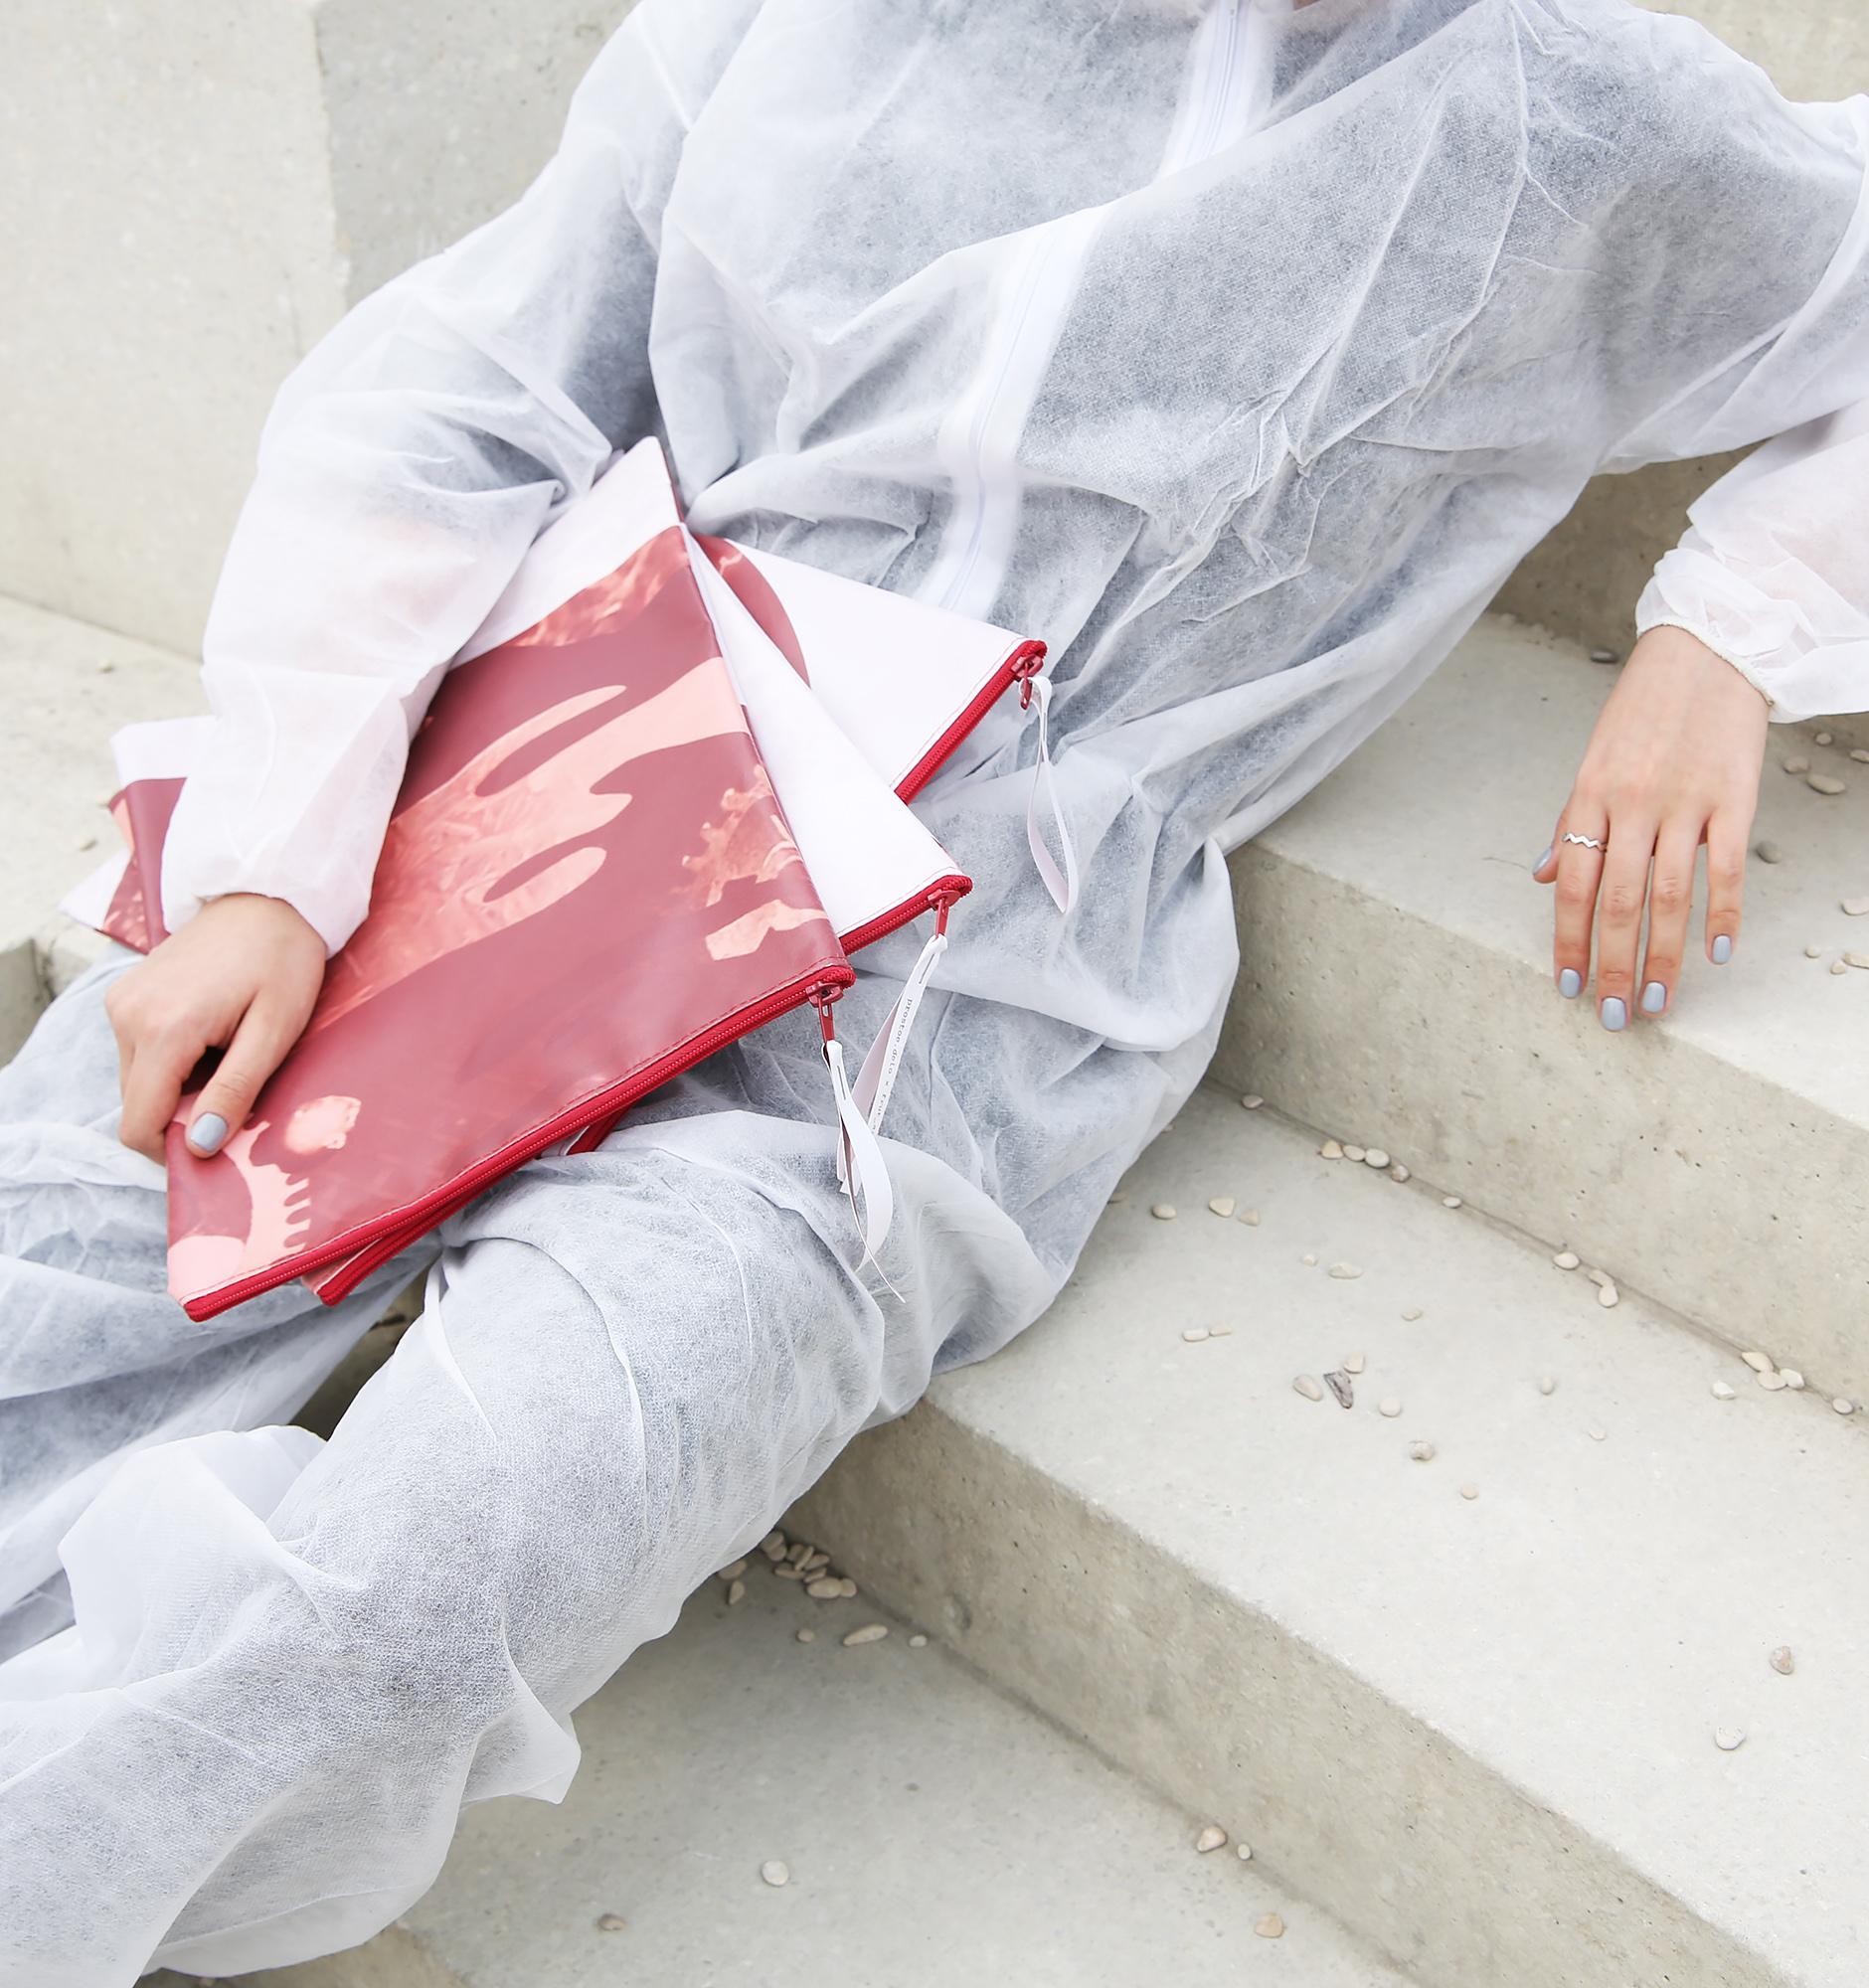 Проект Banements из Москвы: как из ненужных баннеров производят модные аксессуары